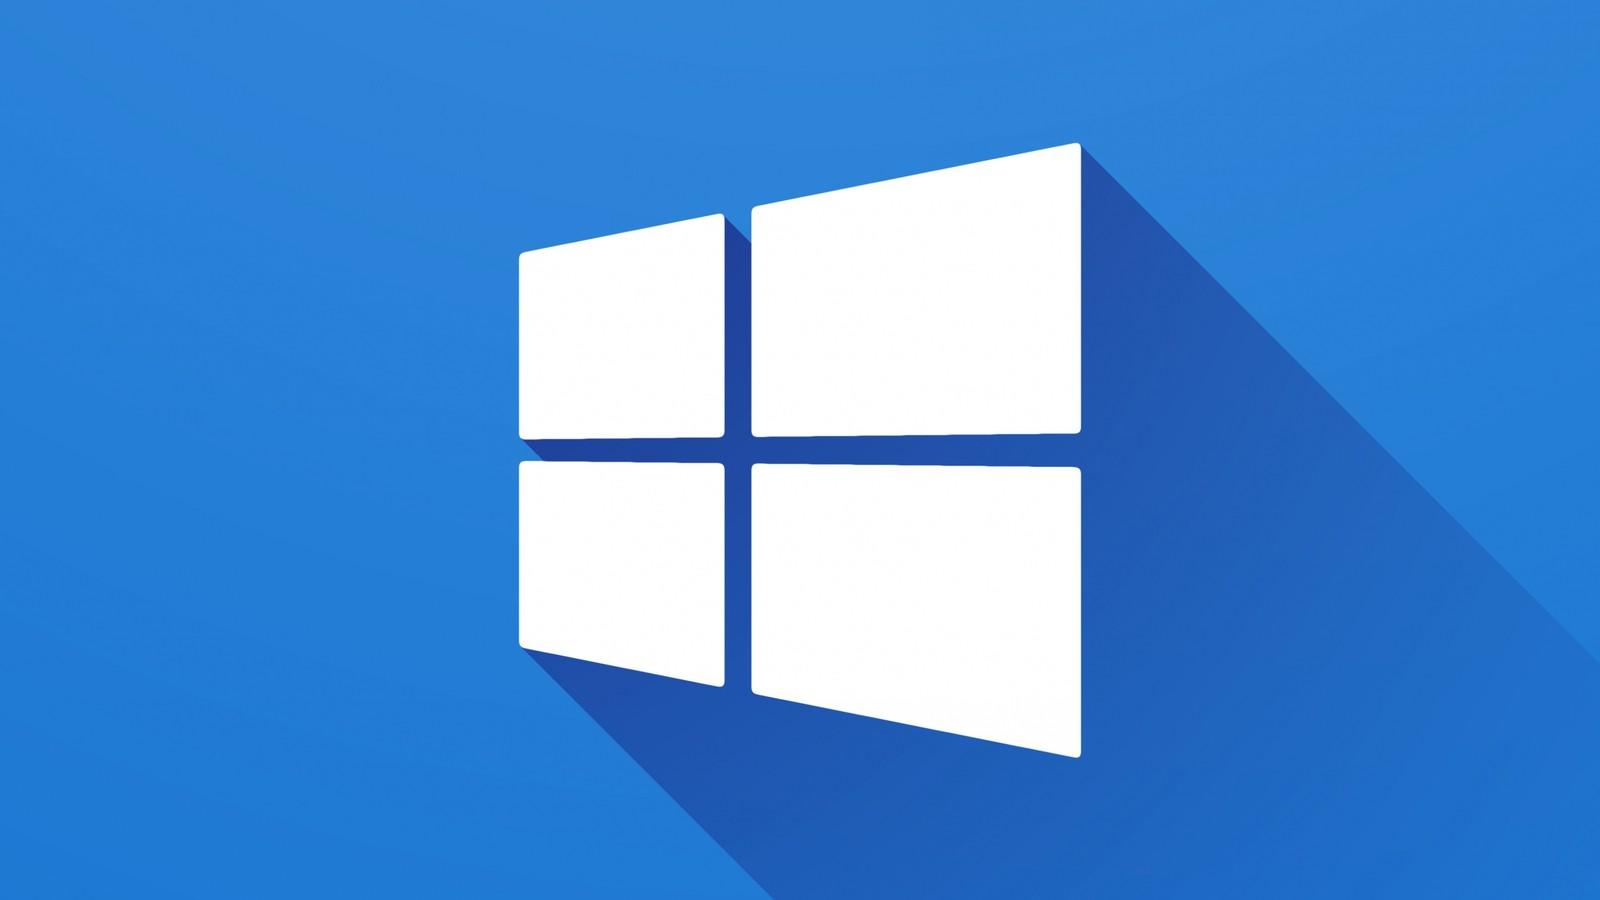 Back to School: získejte Windows 10 za exkluzivně nízkou cenu [sponzorovaný článek]